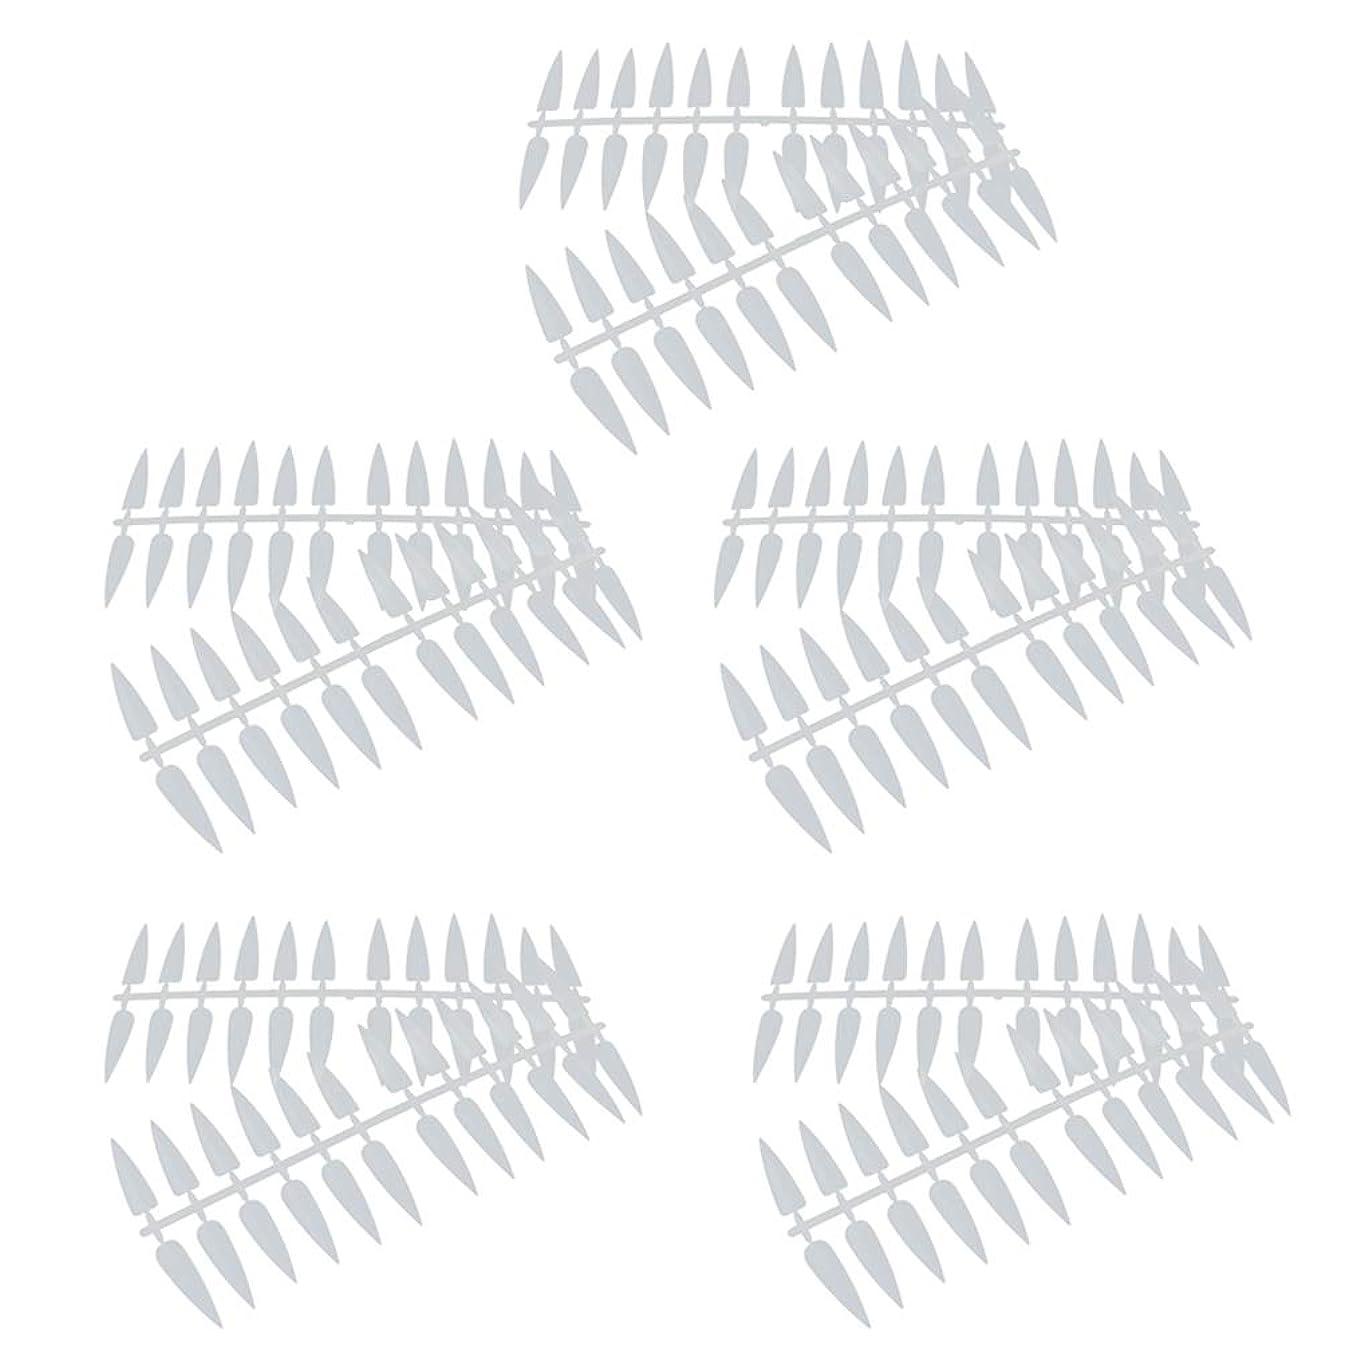 反映する振動する誘惑P Prettyia ネイルアート カラー表示チャート カラーモデル マニキュア 2色選べ - ナチュラル